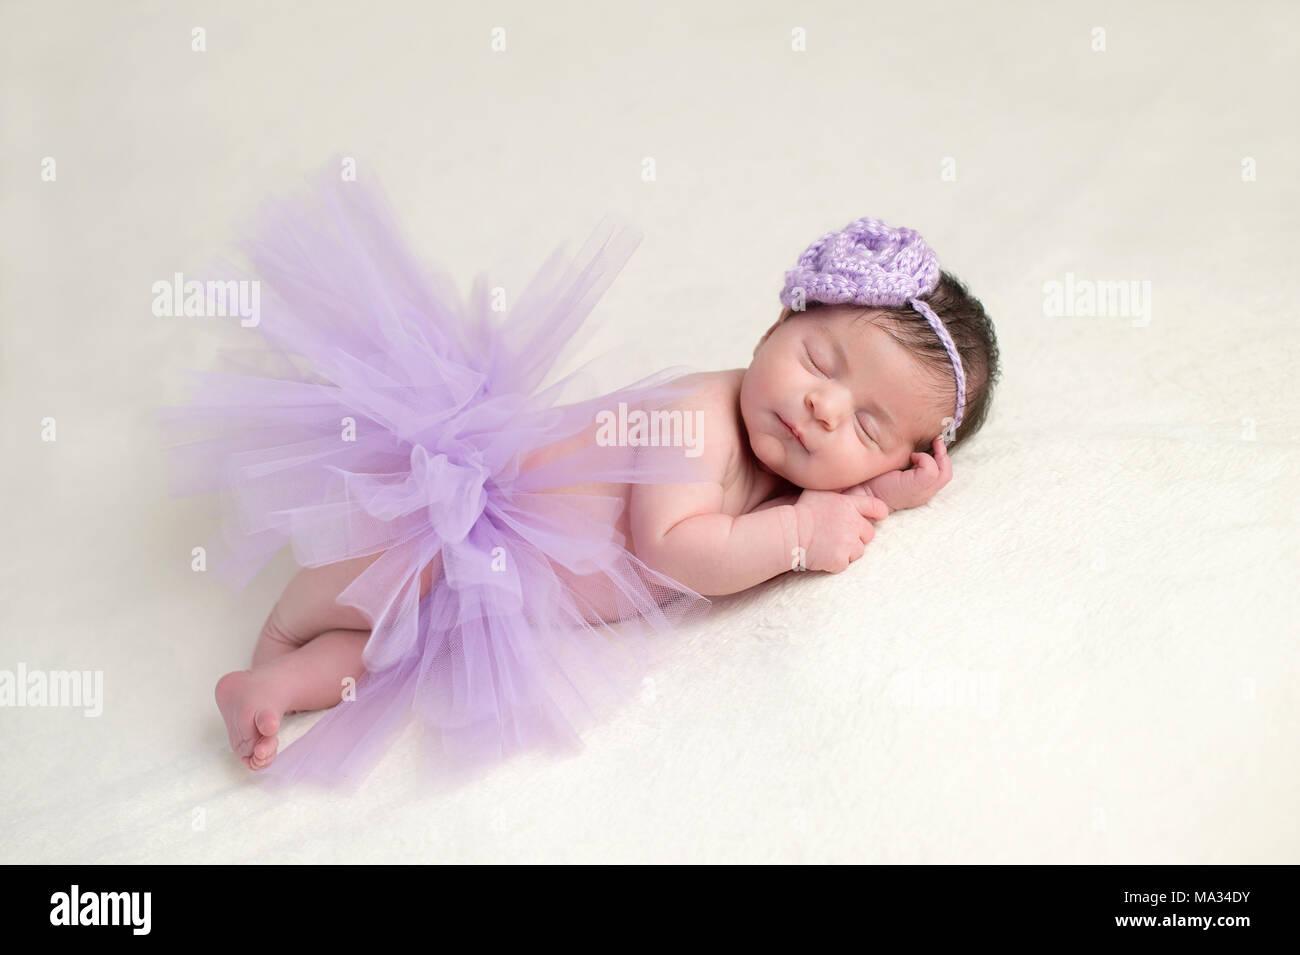 b5c2620a4 Baby Newborn Tutu